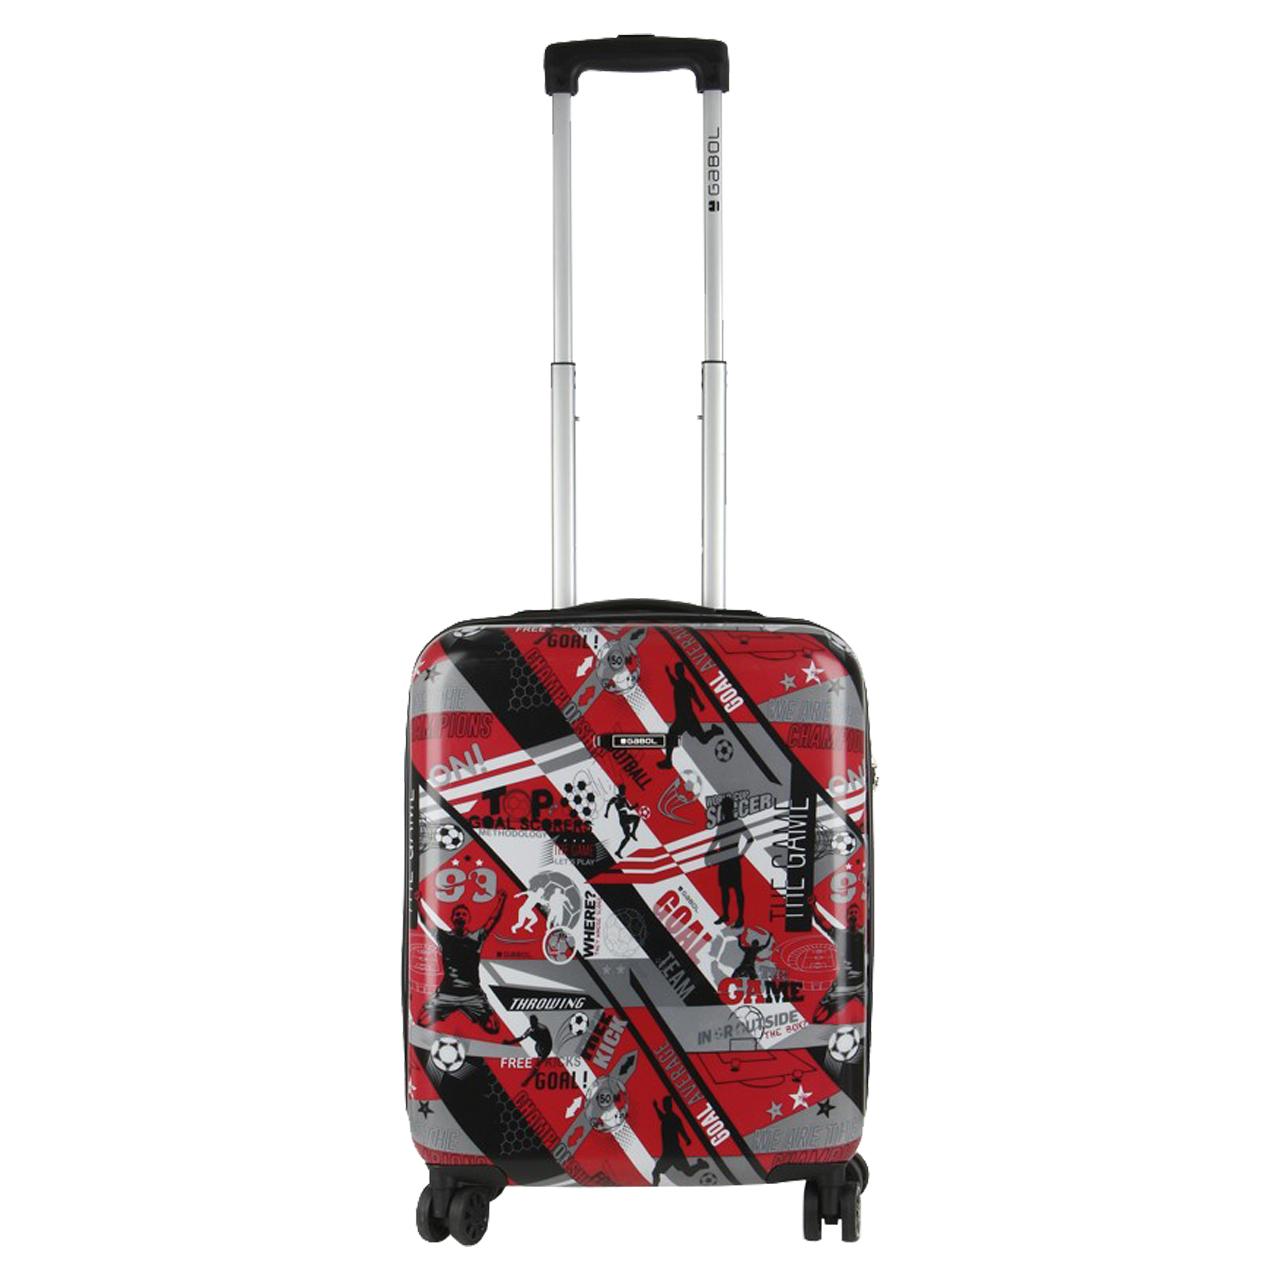 چمدان گابل مدل Game سایز کوچک